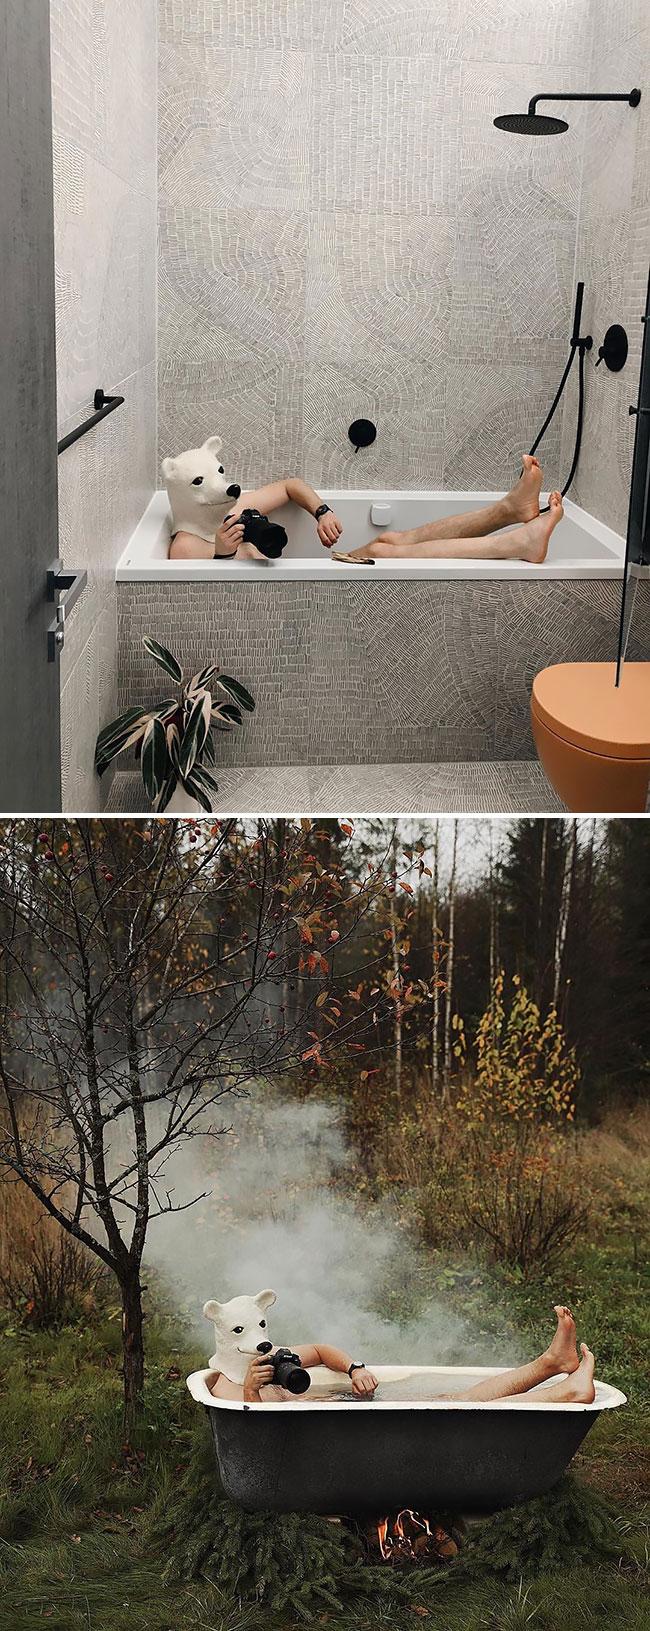 en cuarentena Elnar Mansurov repitió fotos de sus viajes en su departamento (2)